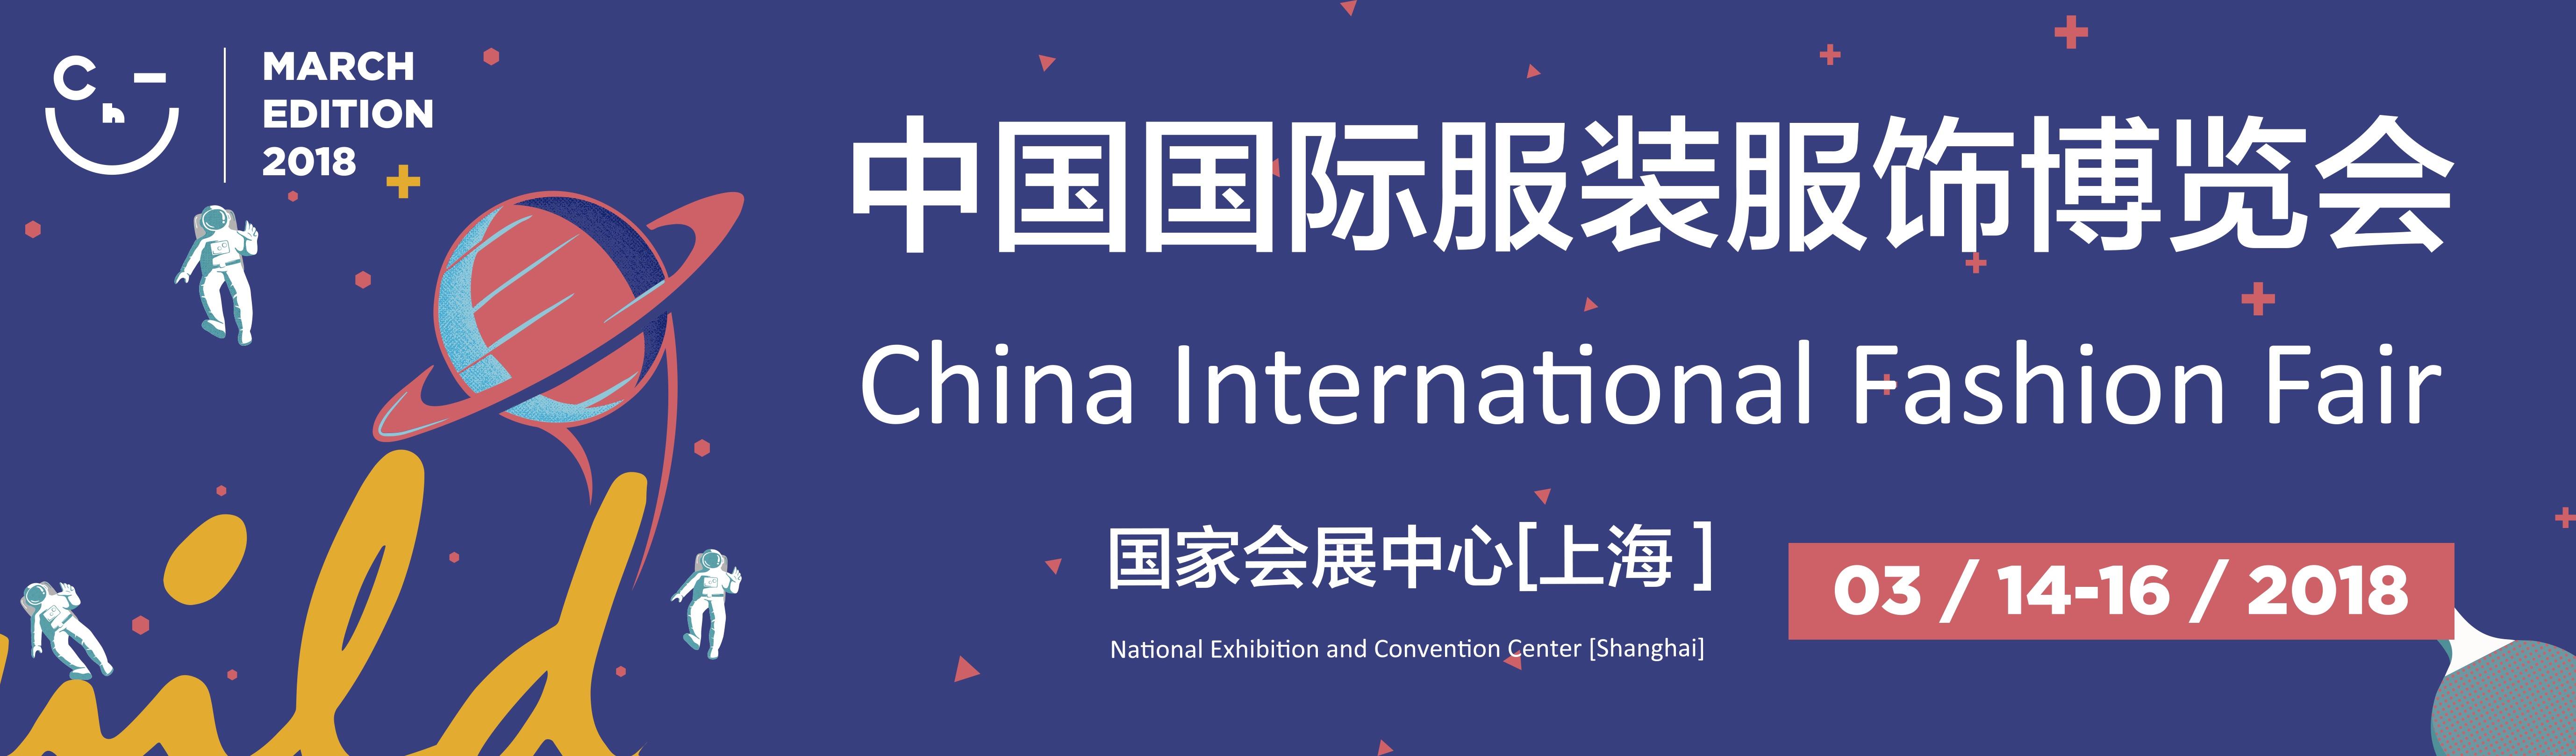 2018CHIC中国国际服装服饰博览会